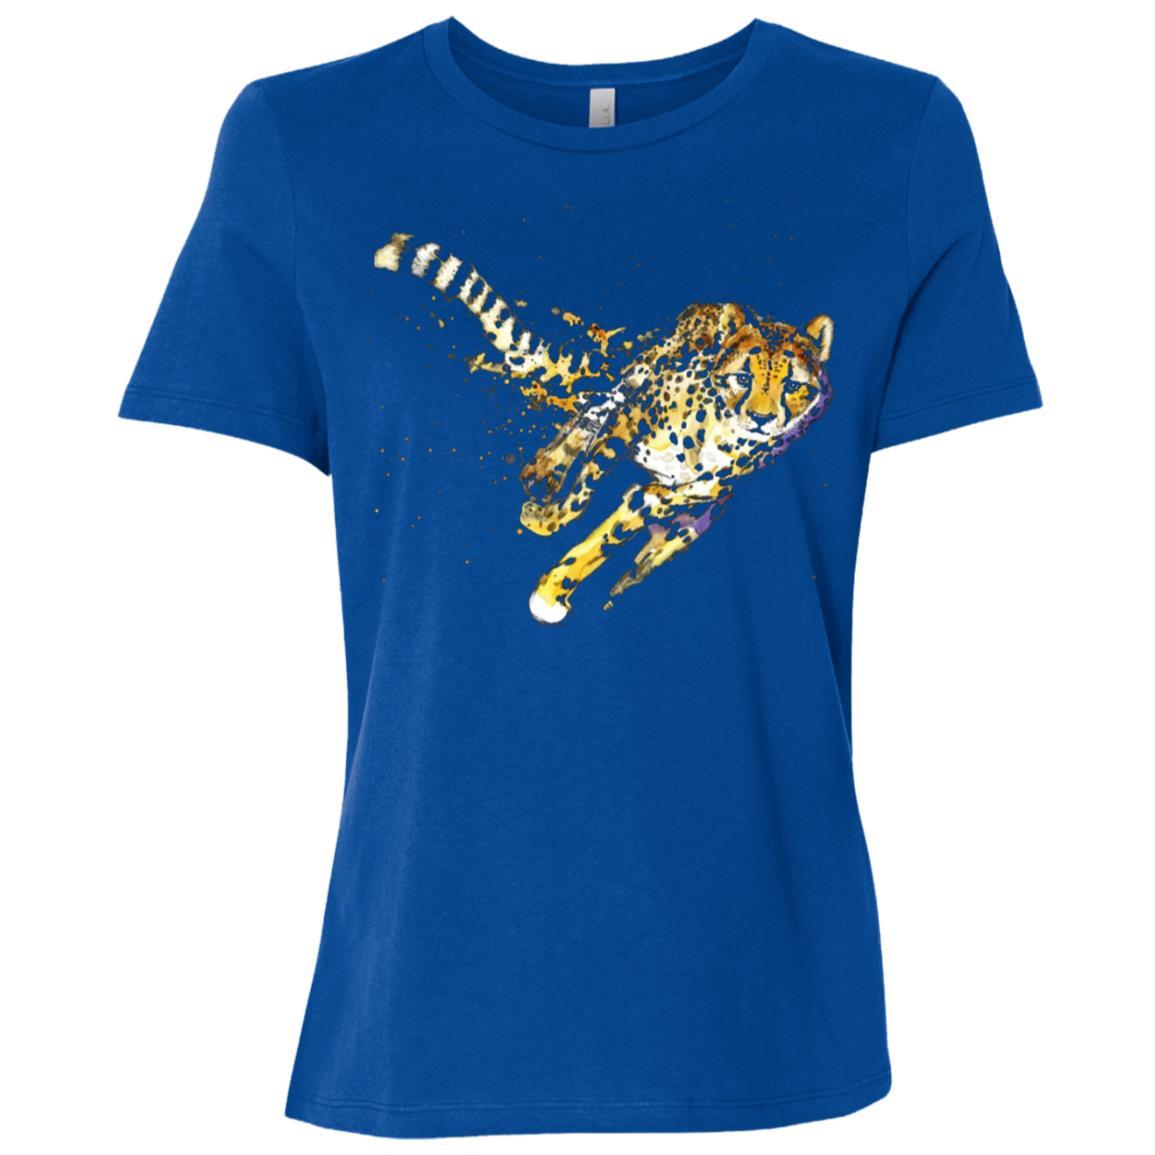 Cheetah Cool Design Running Cheetah Gift Tee Women Short Sleeve T-Shirt